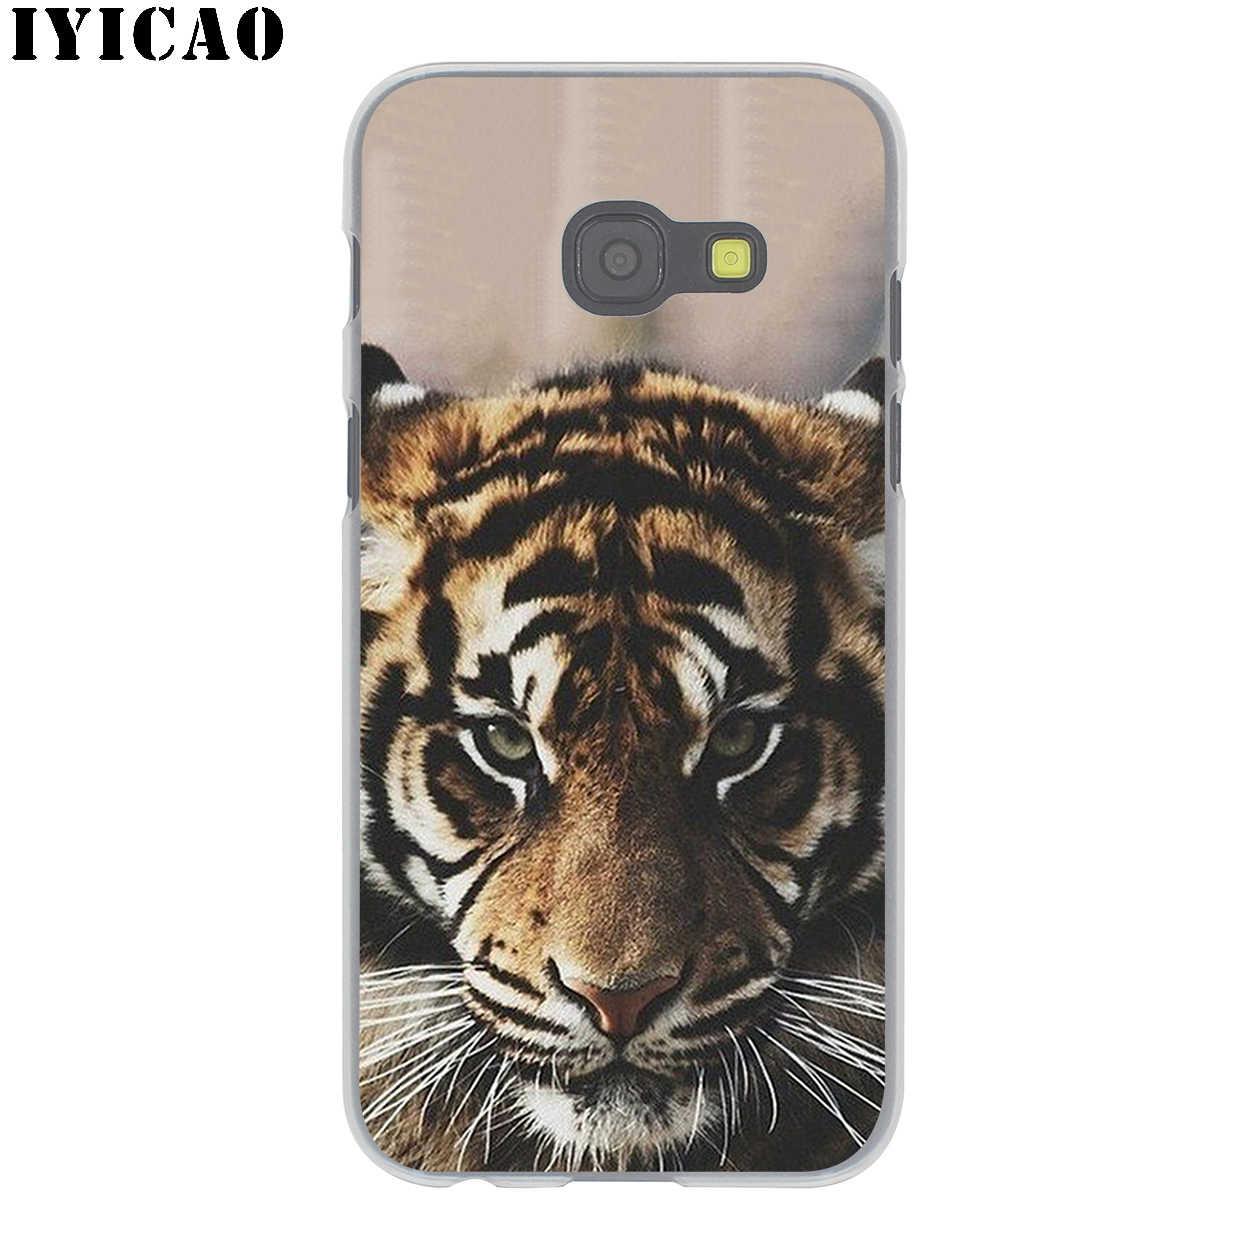 IYICAO loup tigre lion Léopard ours Dur étui pour samsung Galaxy J6 J5 J1 J2 J3 J7 2017 2016 2015 Premier J7 NOUS J5 UE Version